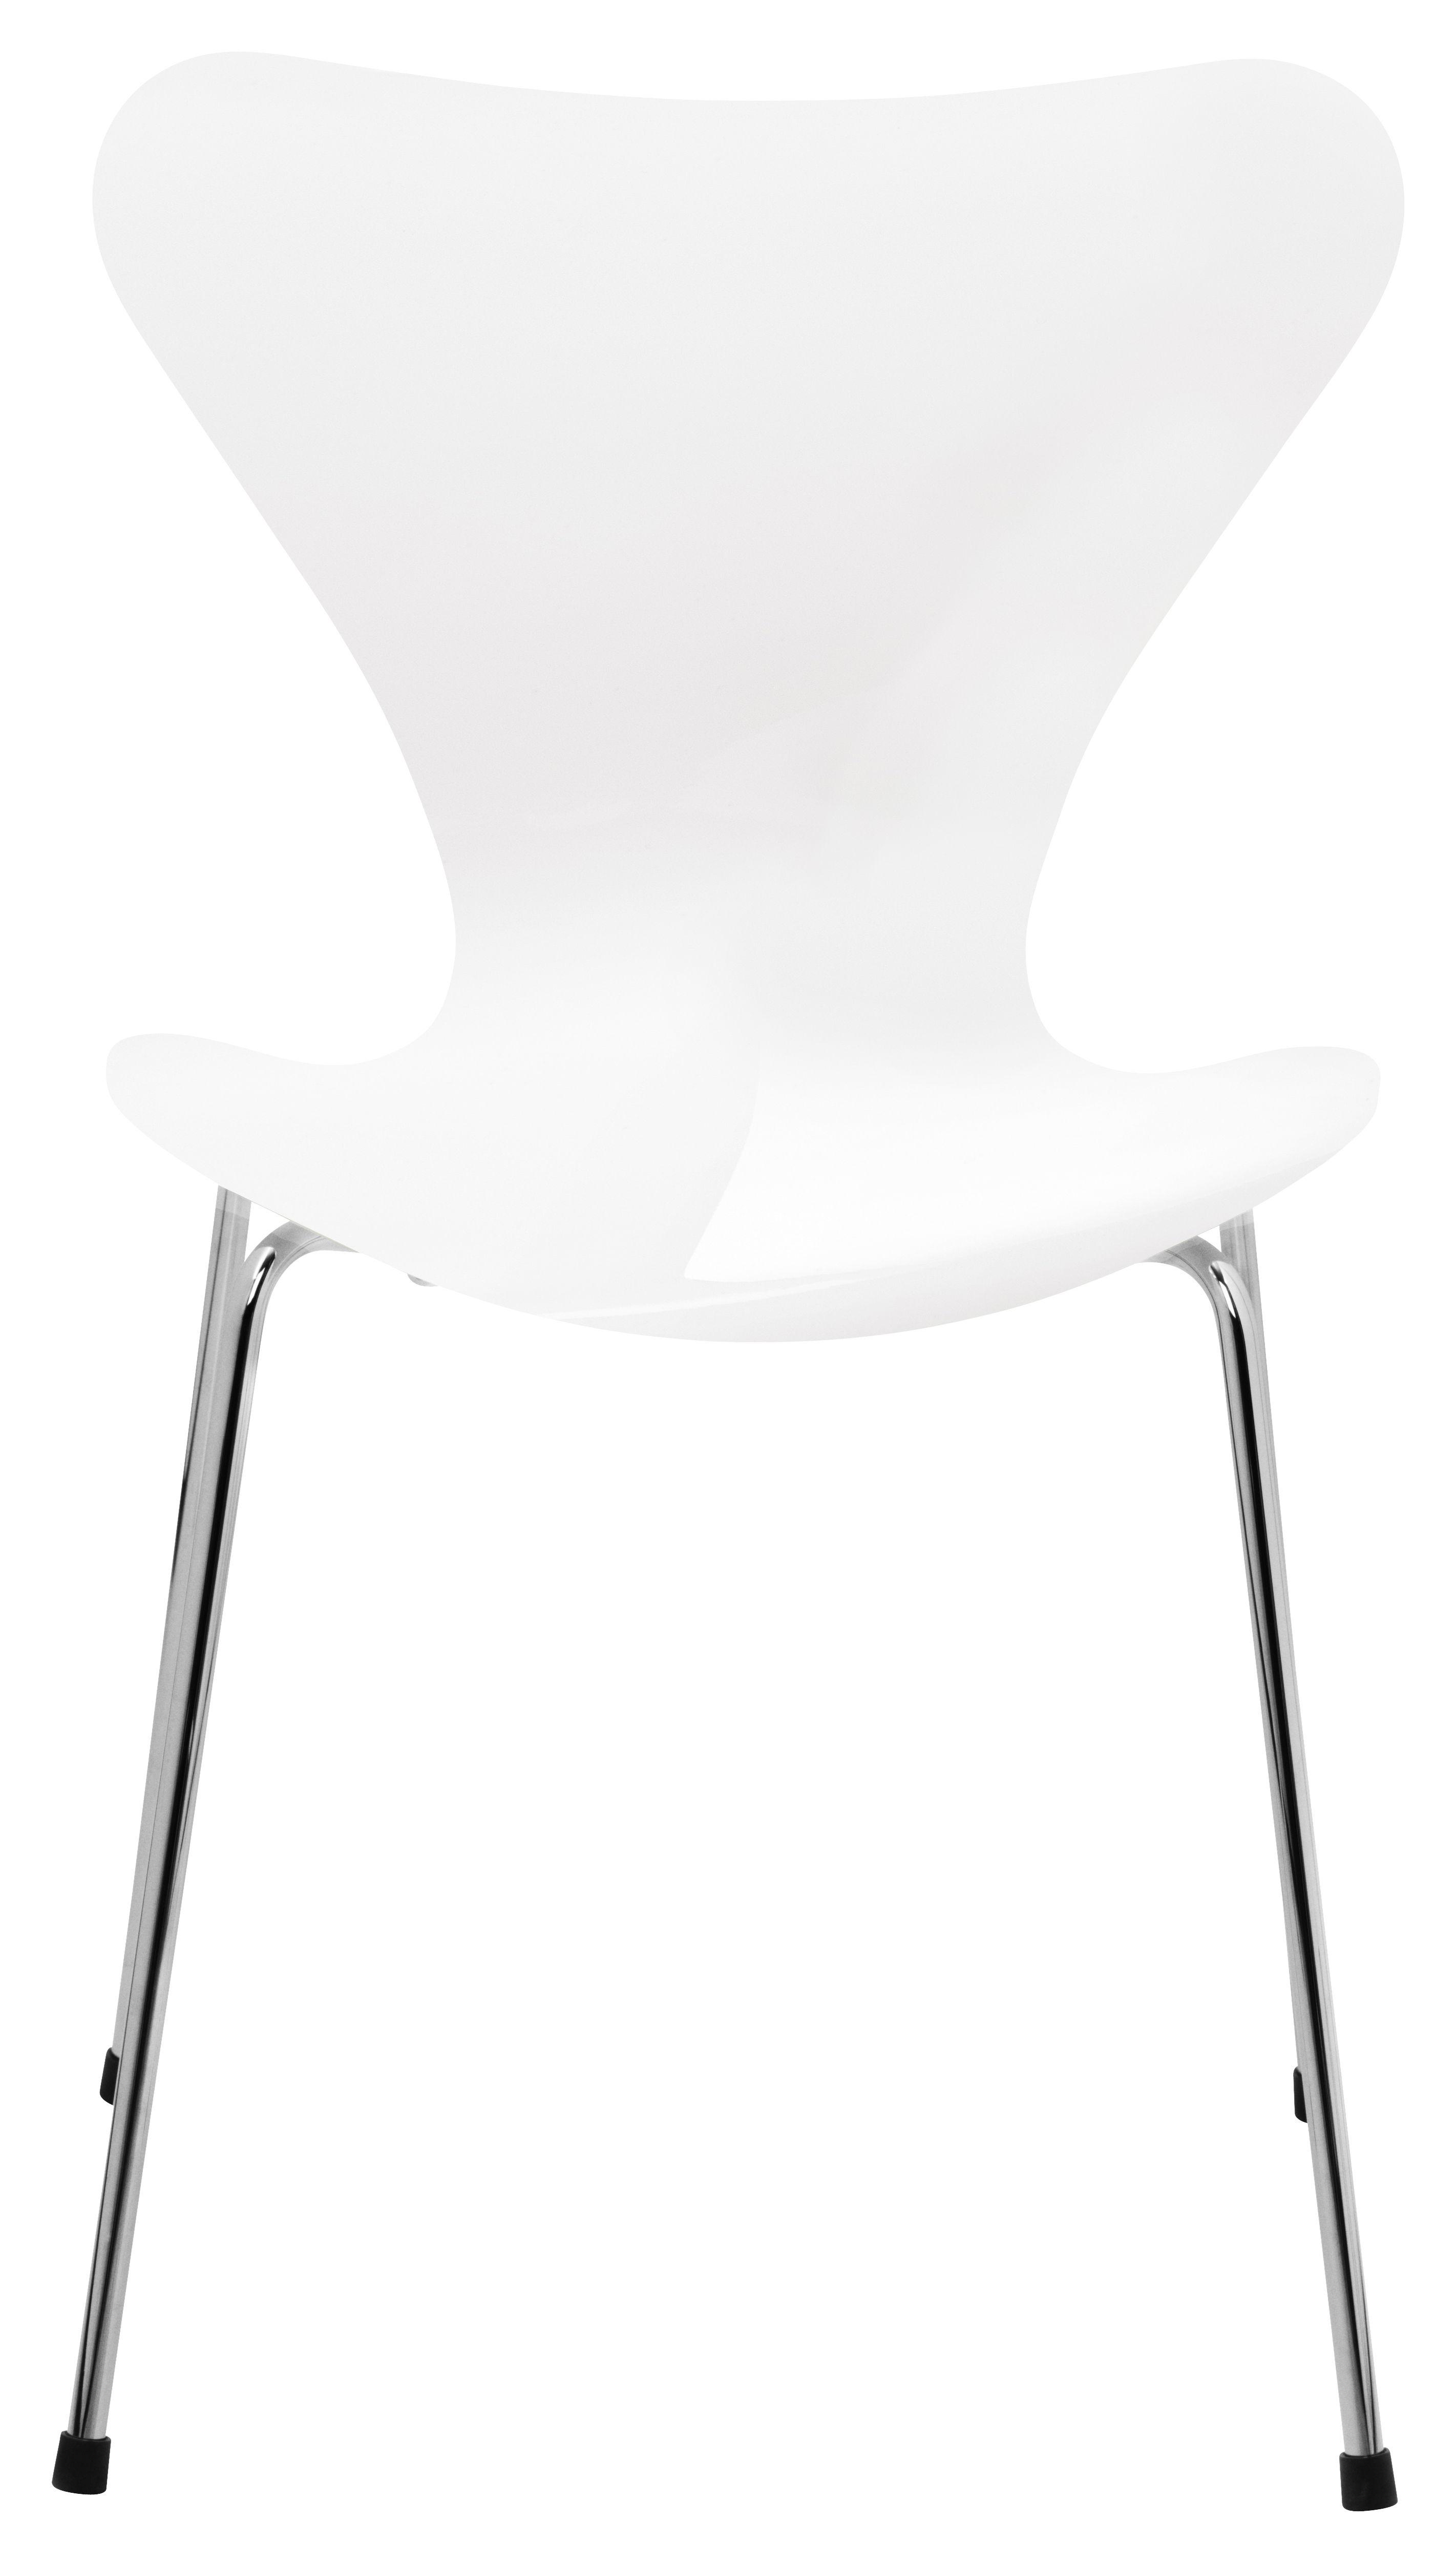 Arredamento - Sedie  - Sedia impilabile Série 7 - Legno laccato di Fritz Hansen - Laccato bianco - Acciaio, Compensato di legno laccato